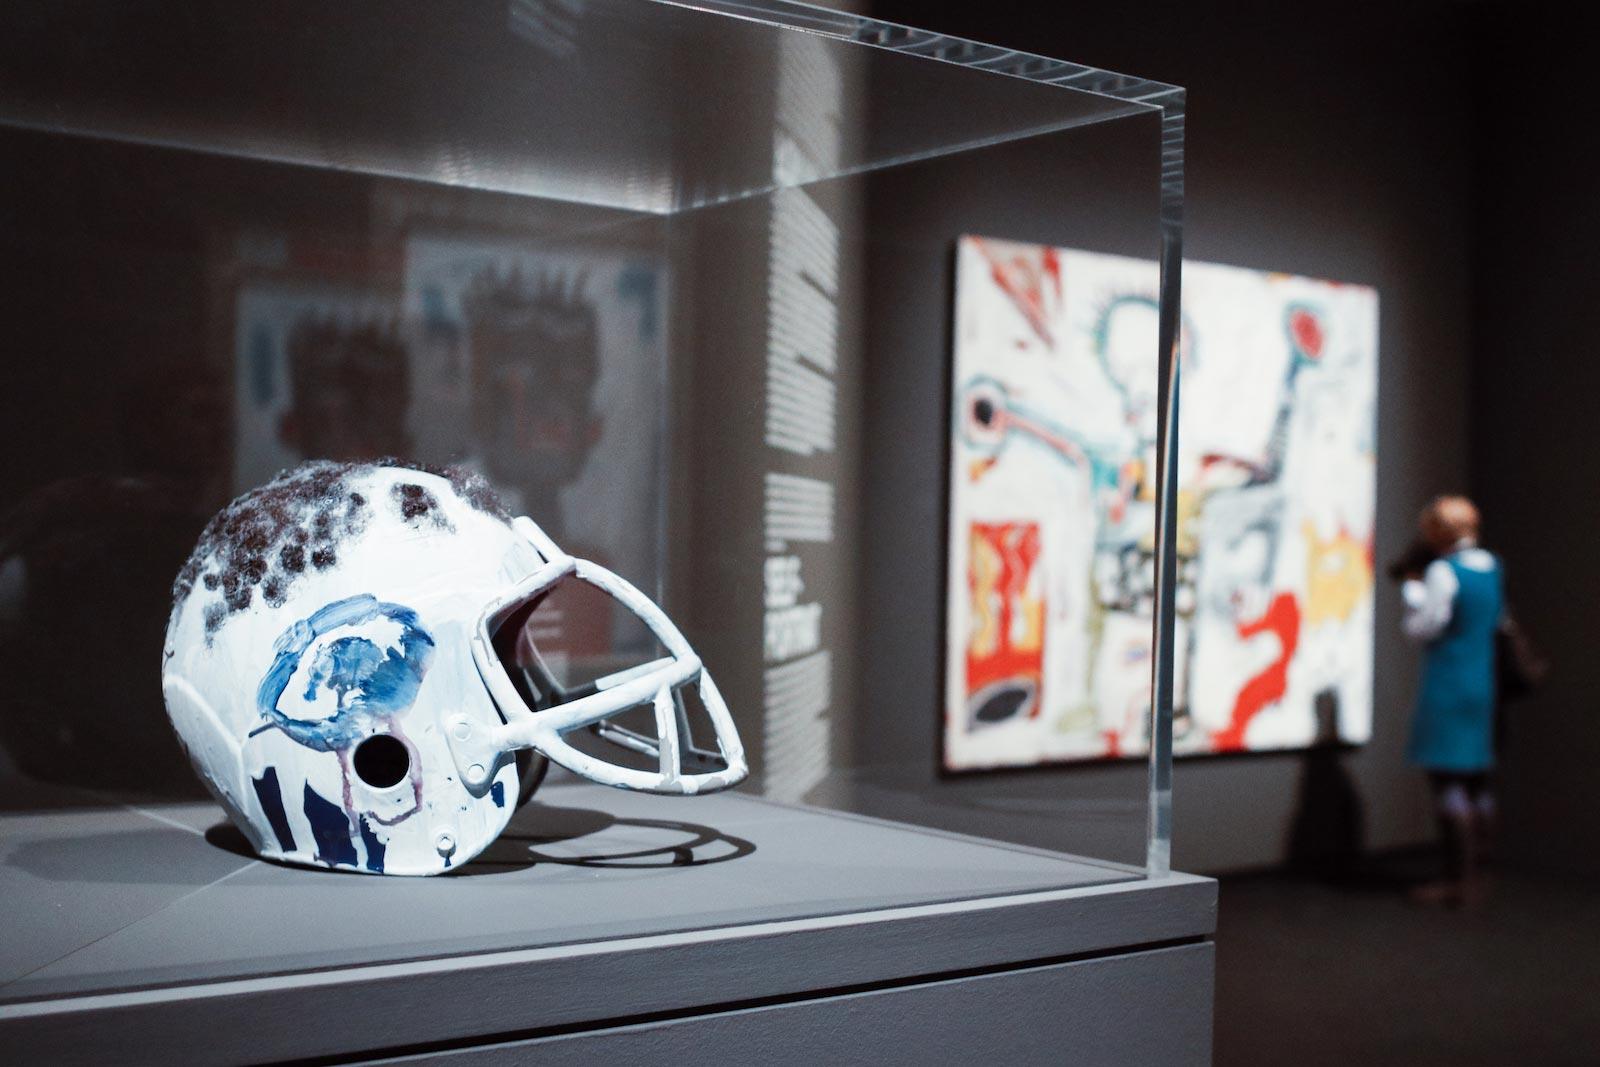 Mini Kühlschrank Bei Real : Basquiat ausstellung in frankfurt in der schirn boom for real